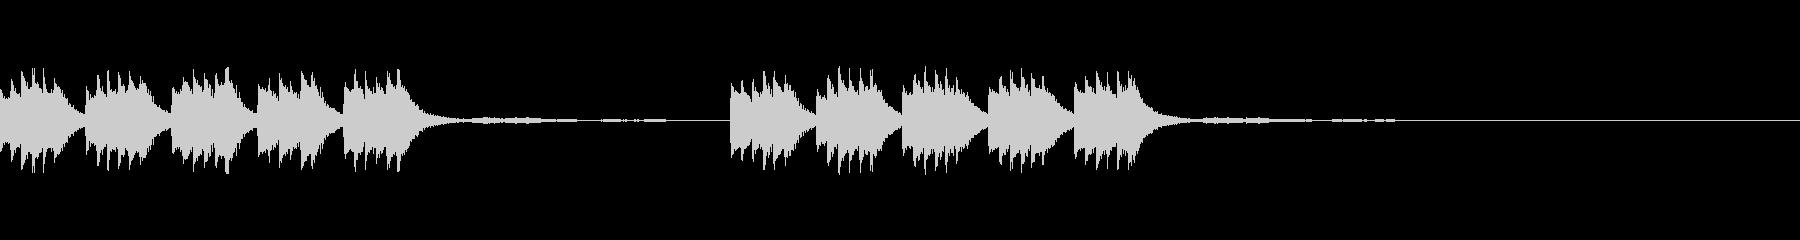 着信音、お知らせ音、アラーム音の未再生の波形